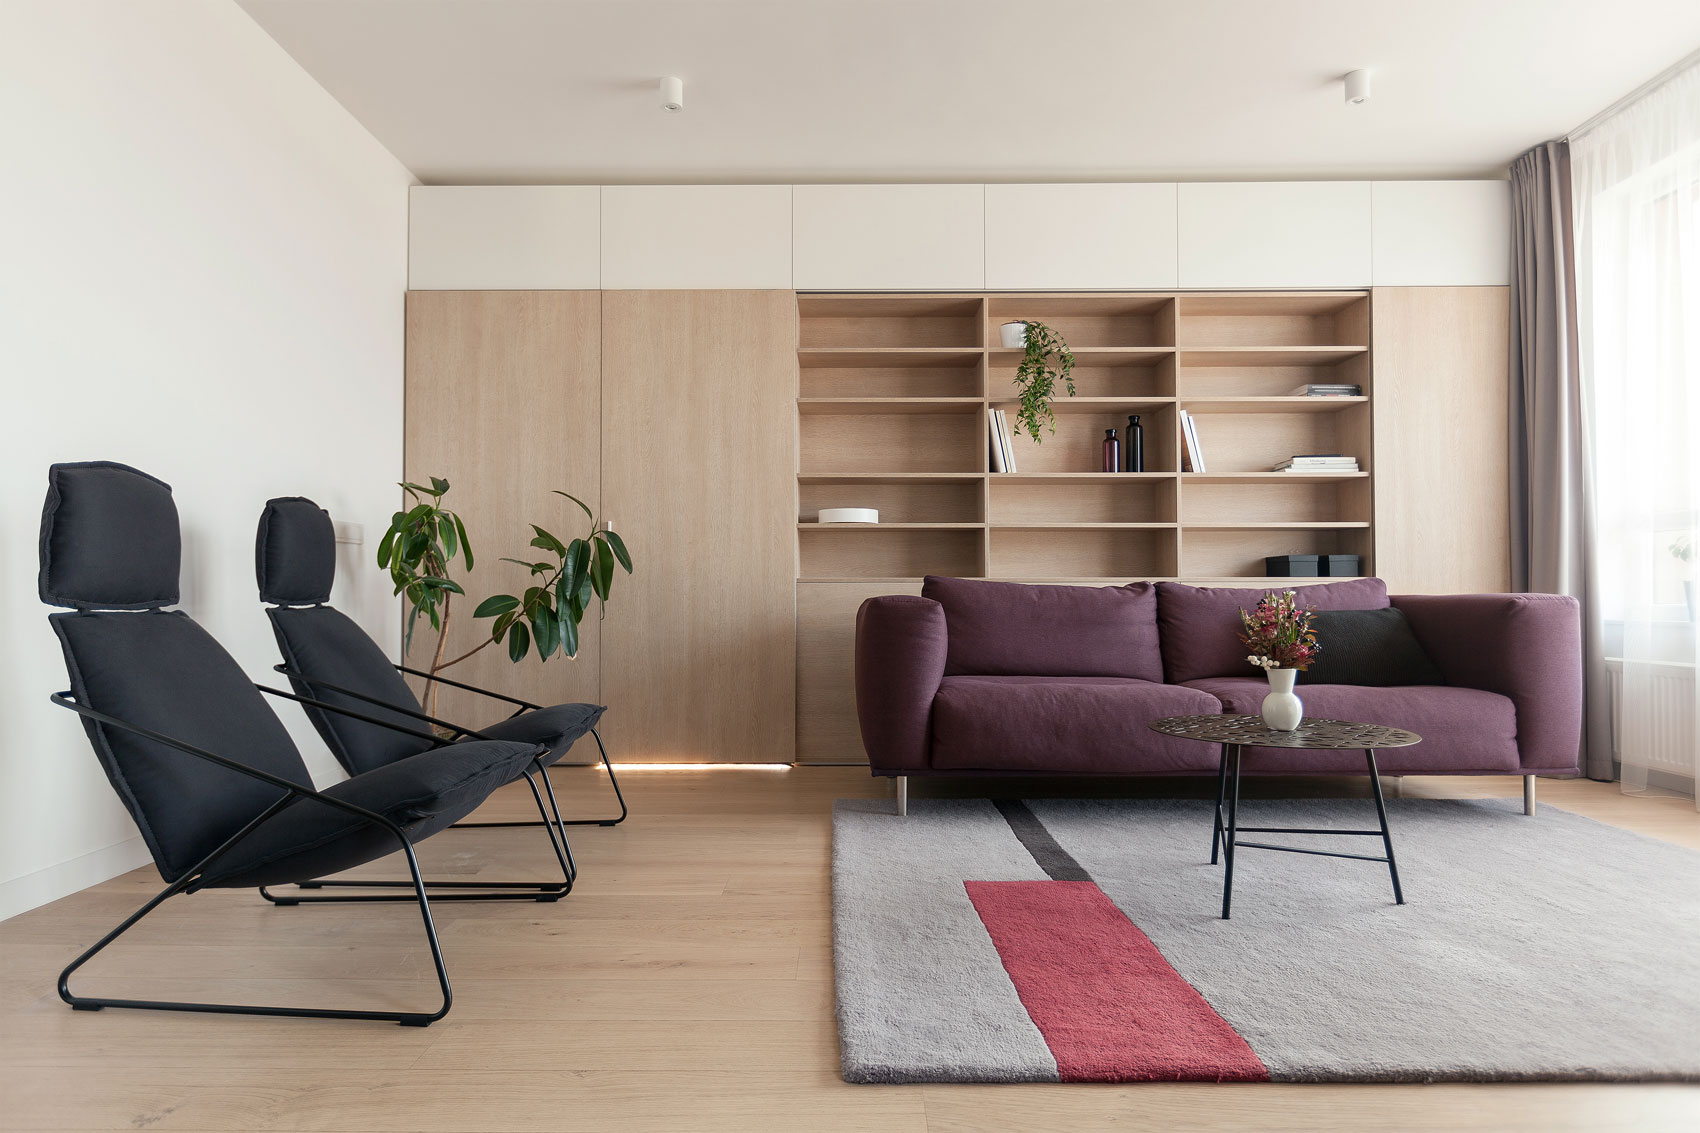 Apartment-in-Vilnius-2-01